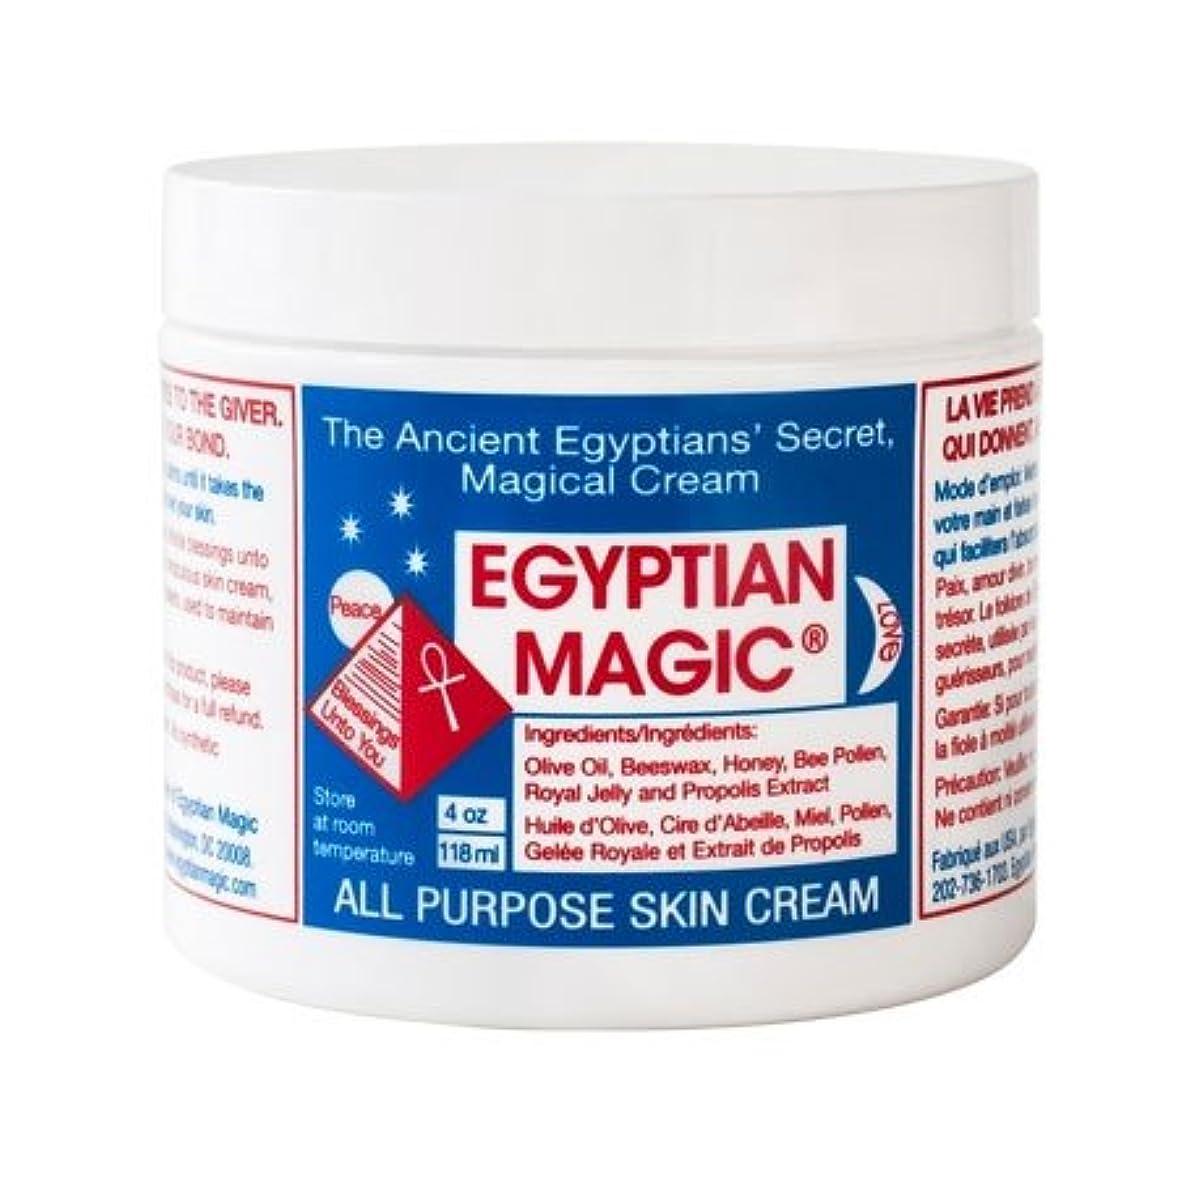 重要なぞらえる放出エジプシャンマジック エジプシャン マジック クリーム 118ml 海外仕様パッケージ